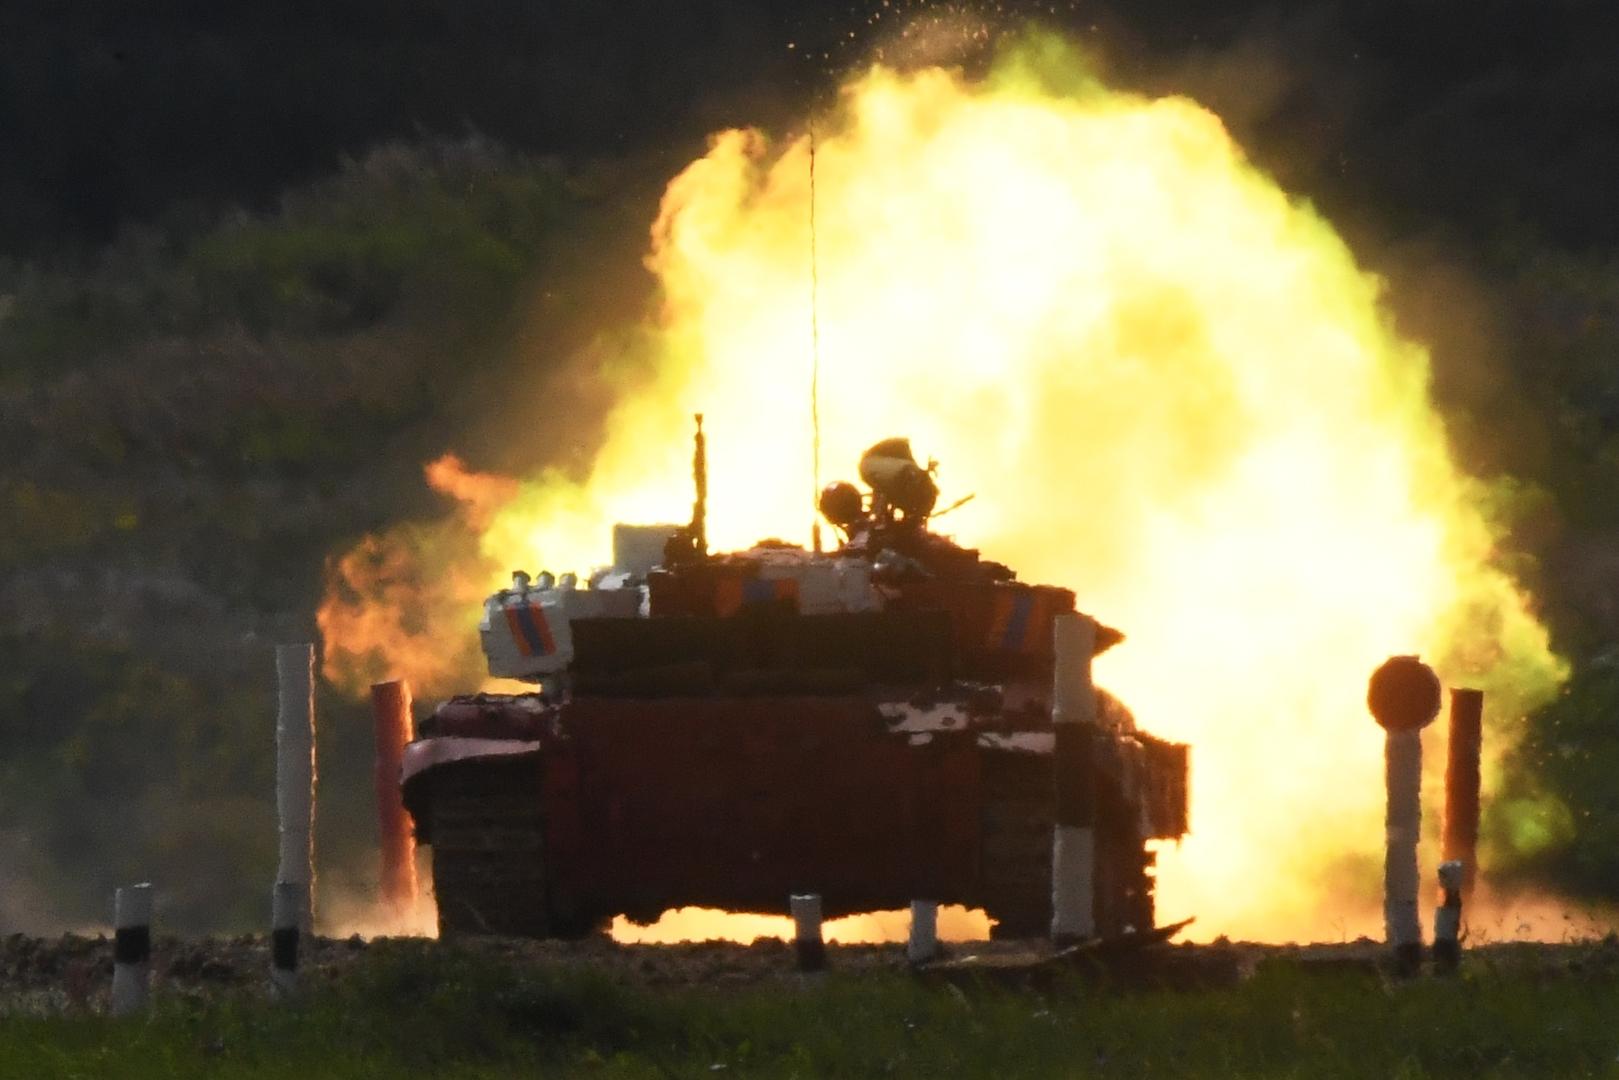 سبوتنيك: امتلاك مصر دبابات تي-90 سيحدث ثورة تكنولوجية كبيرة في الجيش المصري